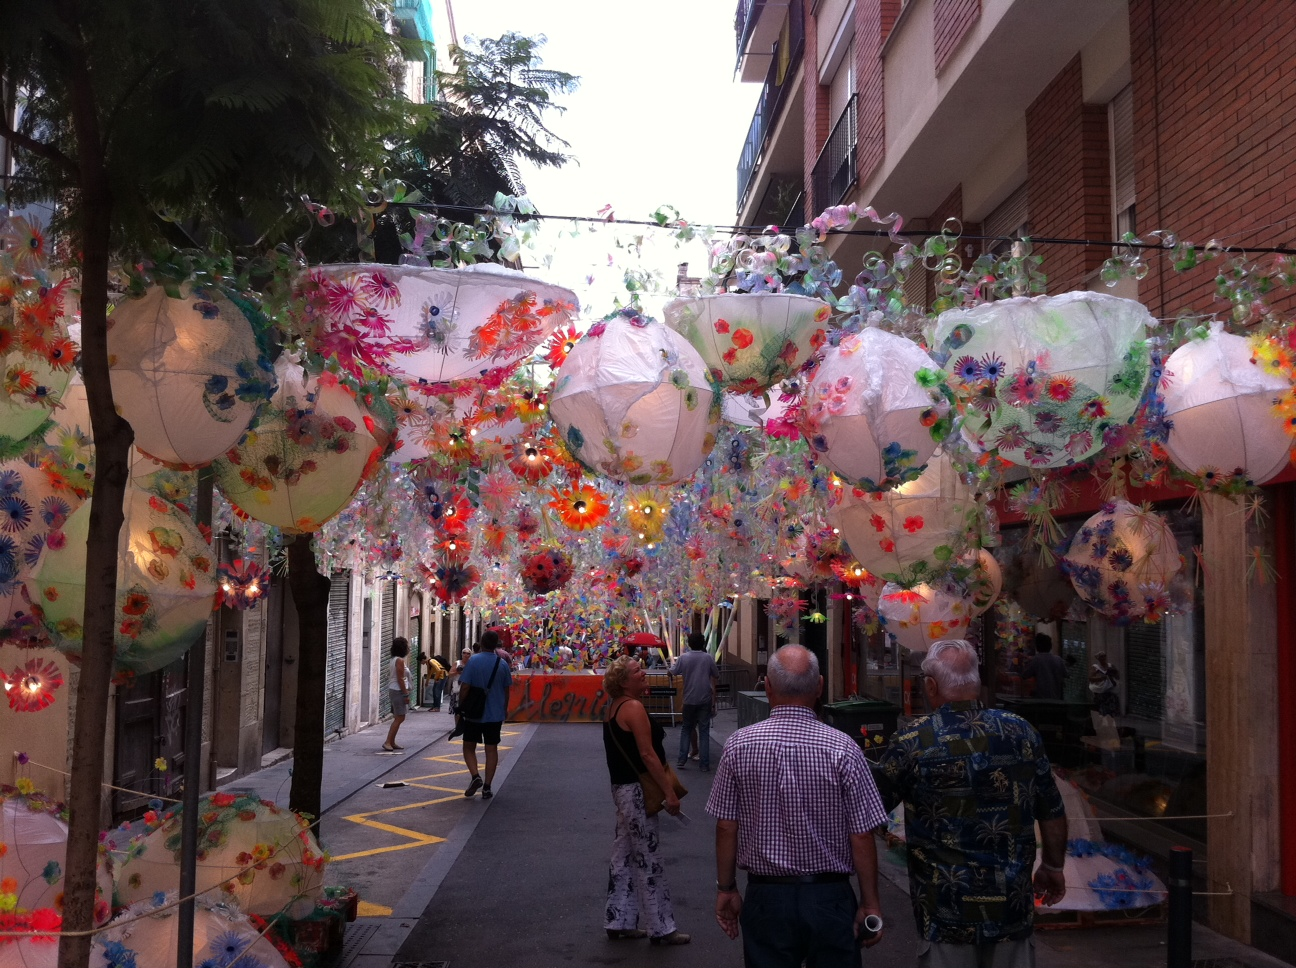 Gr cia festival barcellona italiani spagna for Quartiere gracia barcellona